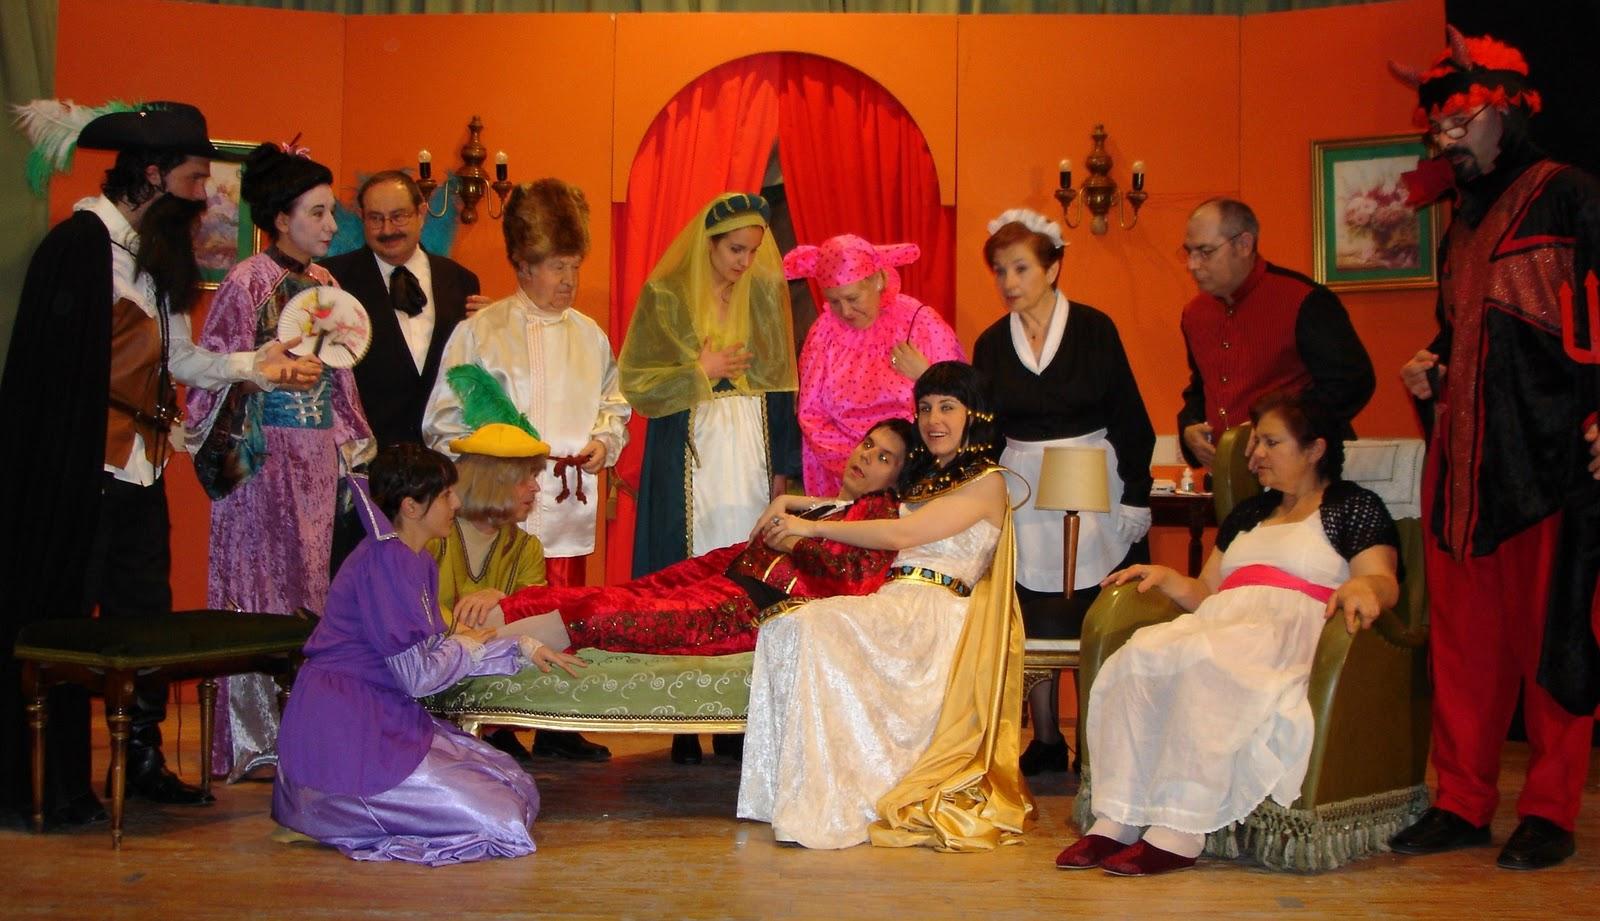 Teatro aficionado el grupo de teatro la farandula de 1905 for Chimentos de la farandula